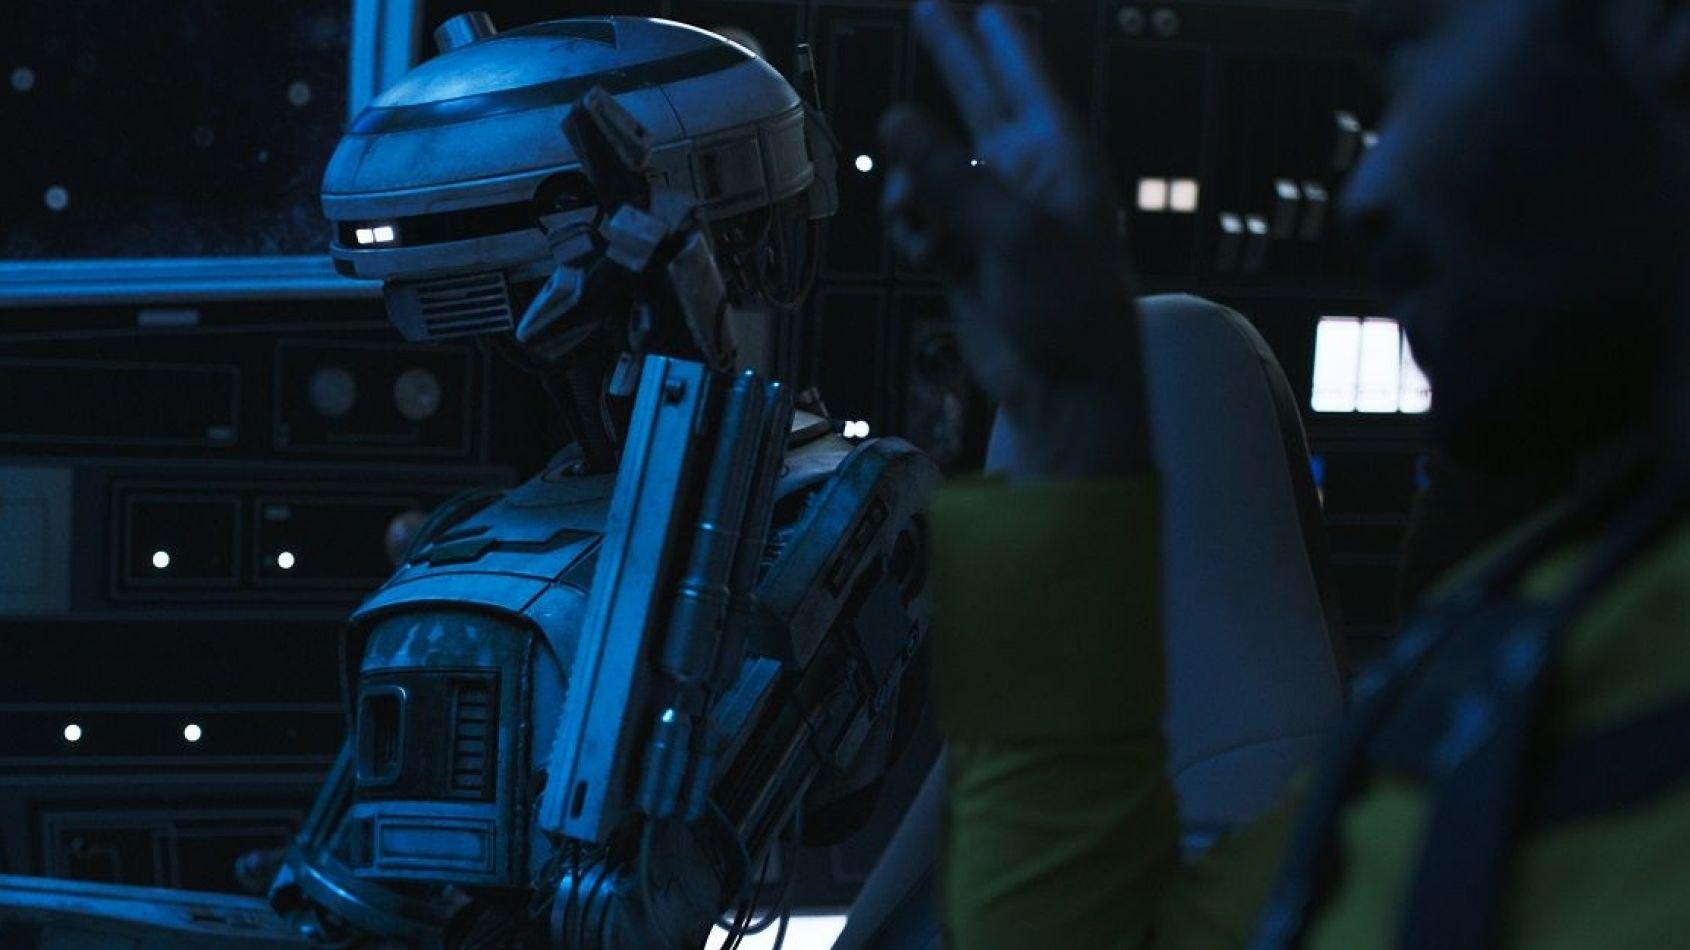 Lando, L3-37 et le Faucon Millenium arrivent dans Galaxy of Heroes